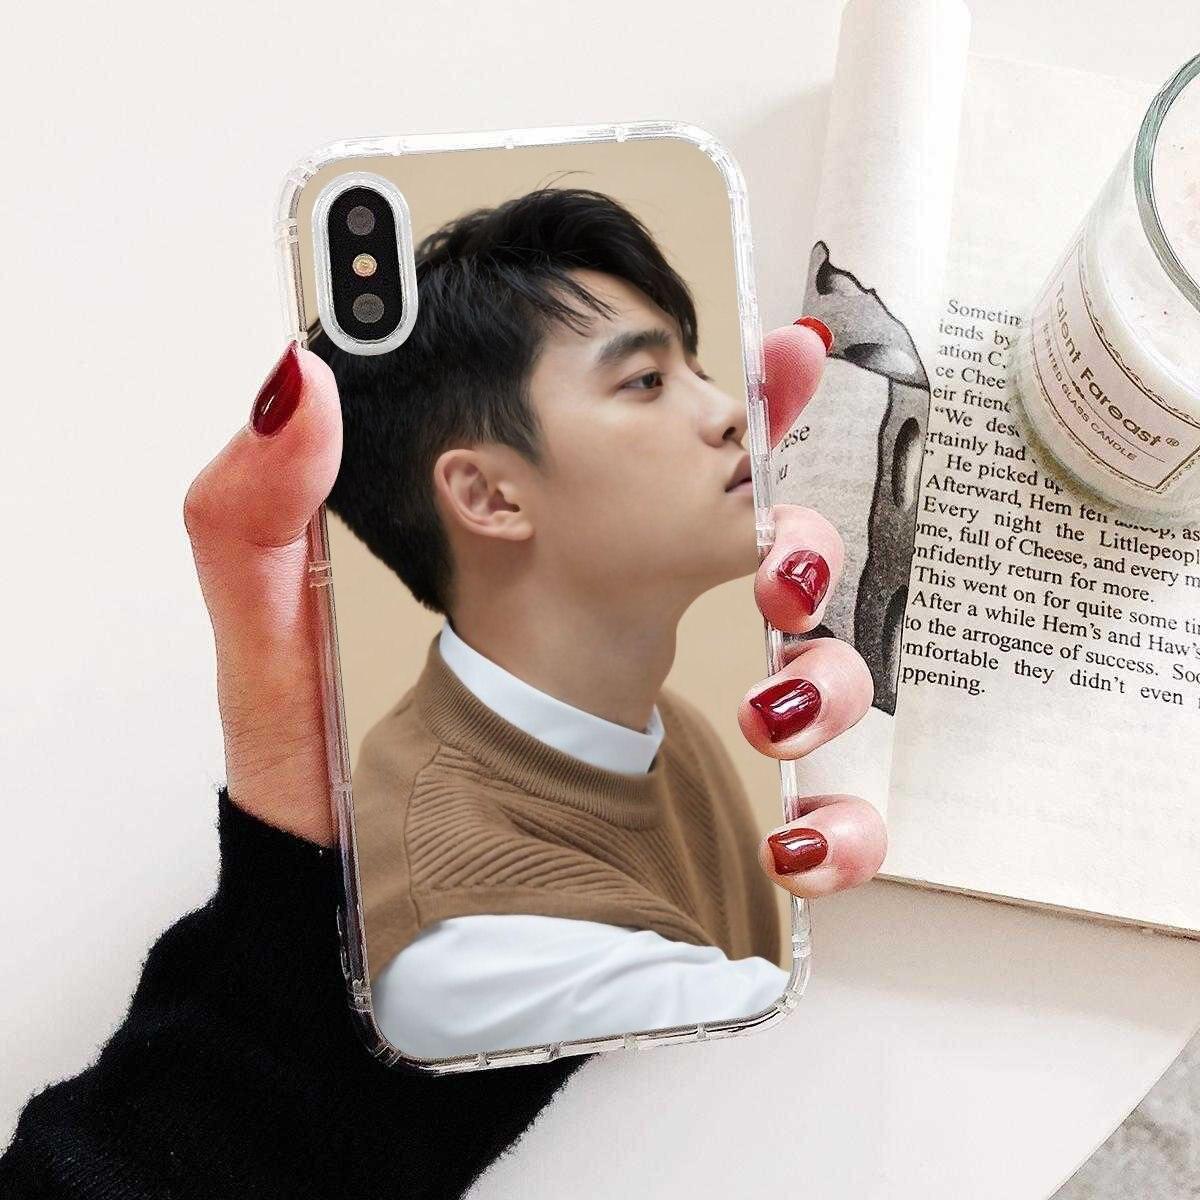 For Samsung Galaxy J1 J2 J3 J4 J5 J6 J7 J8 Plus 2018 Prime 2015 2016 2017 Favorite Silicone Phone Case EXO D.O